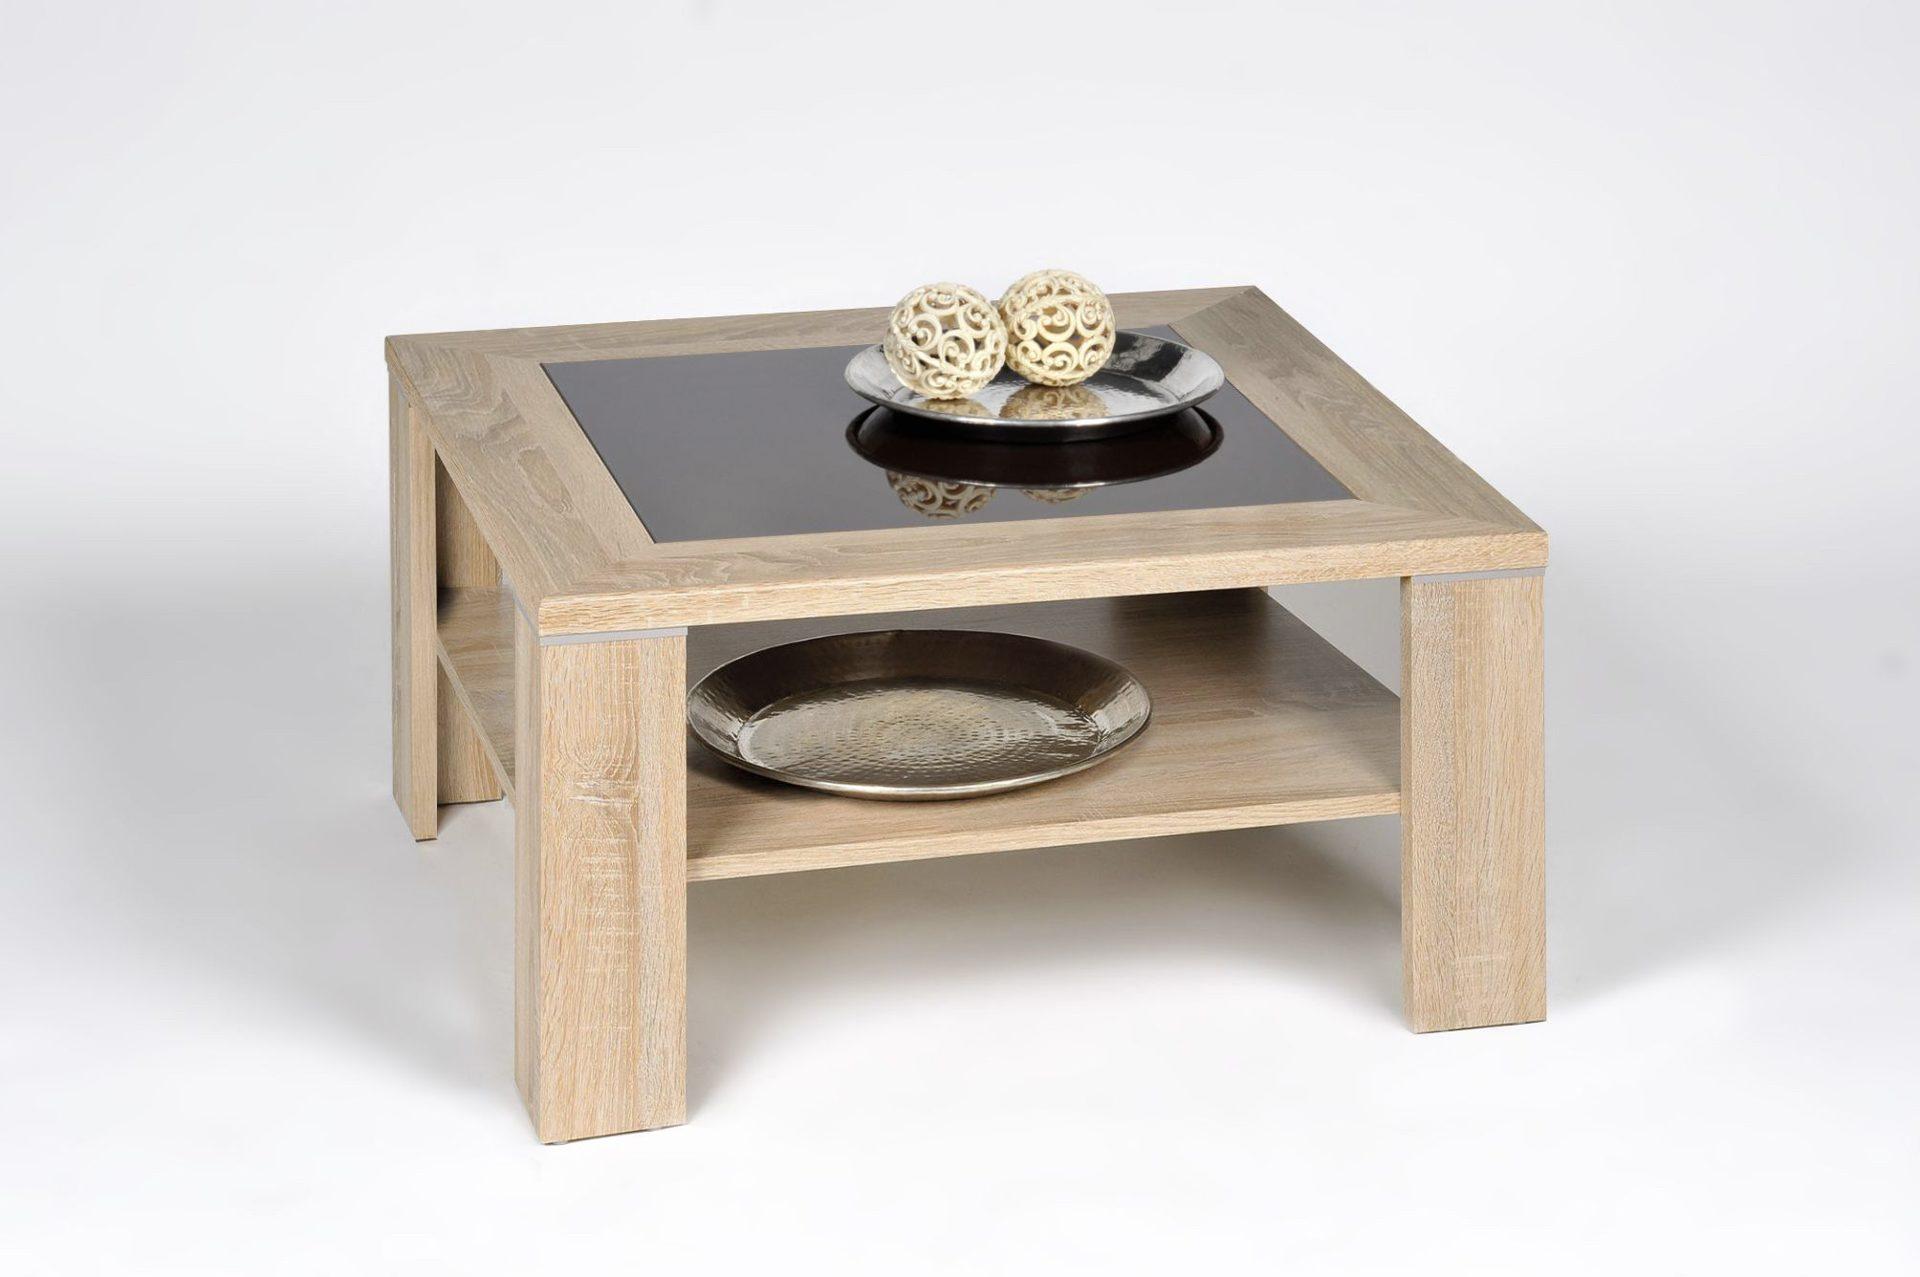 Beautiful Kleine Wohnzimmertische Images - Home Design Ideas ...